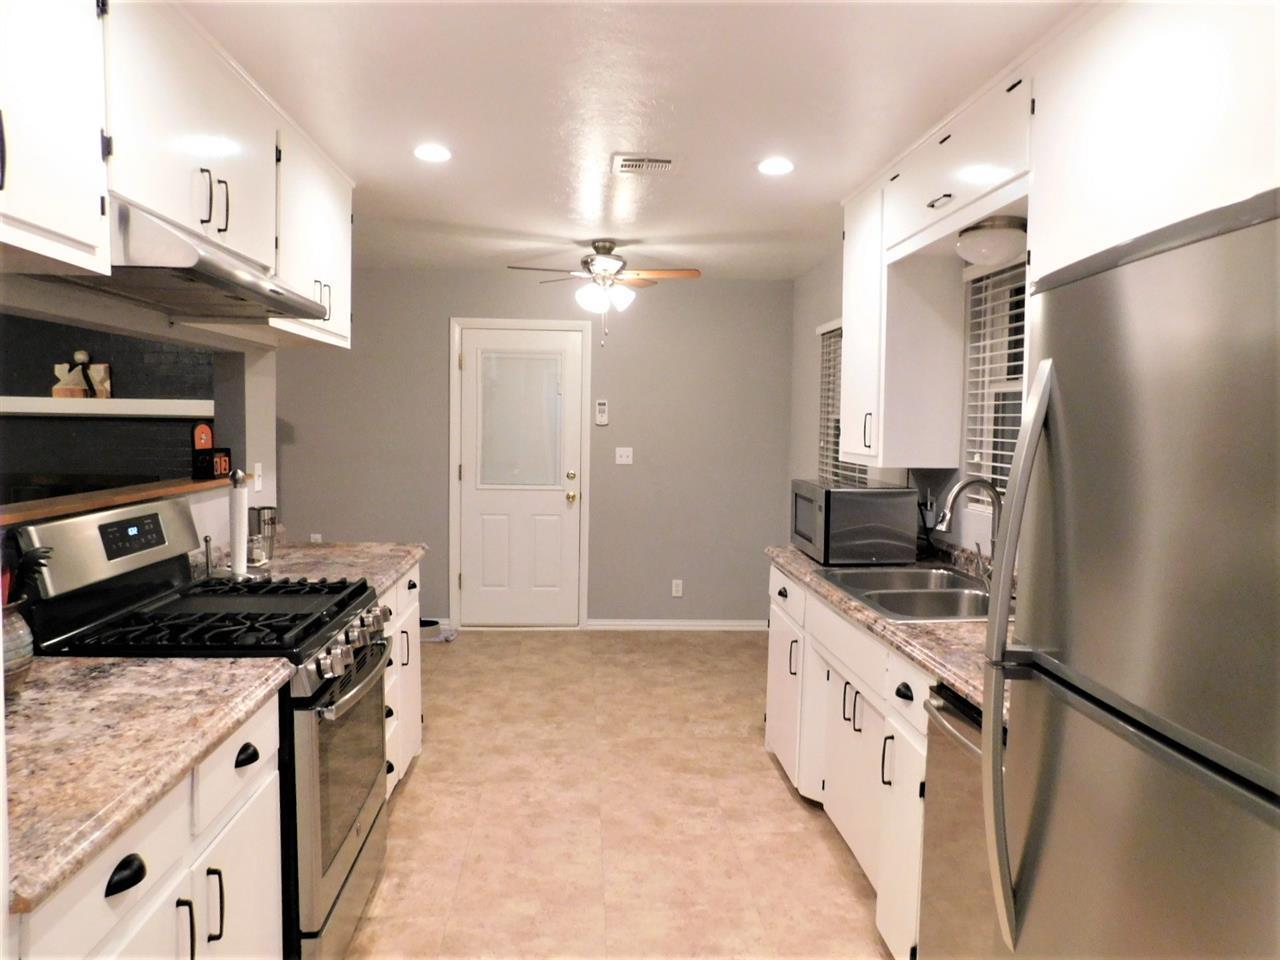 Sold Intraoffice W/MLS | 1200 Coronado Ponca City, OK 74604 7